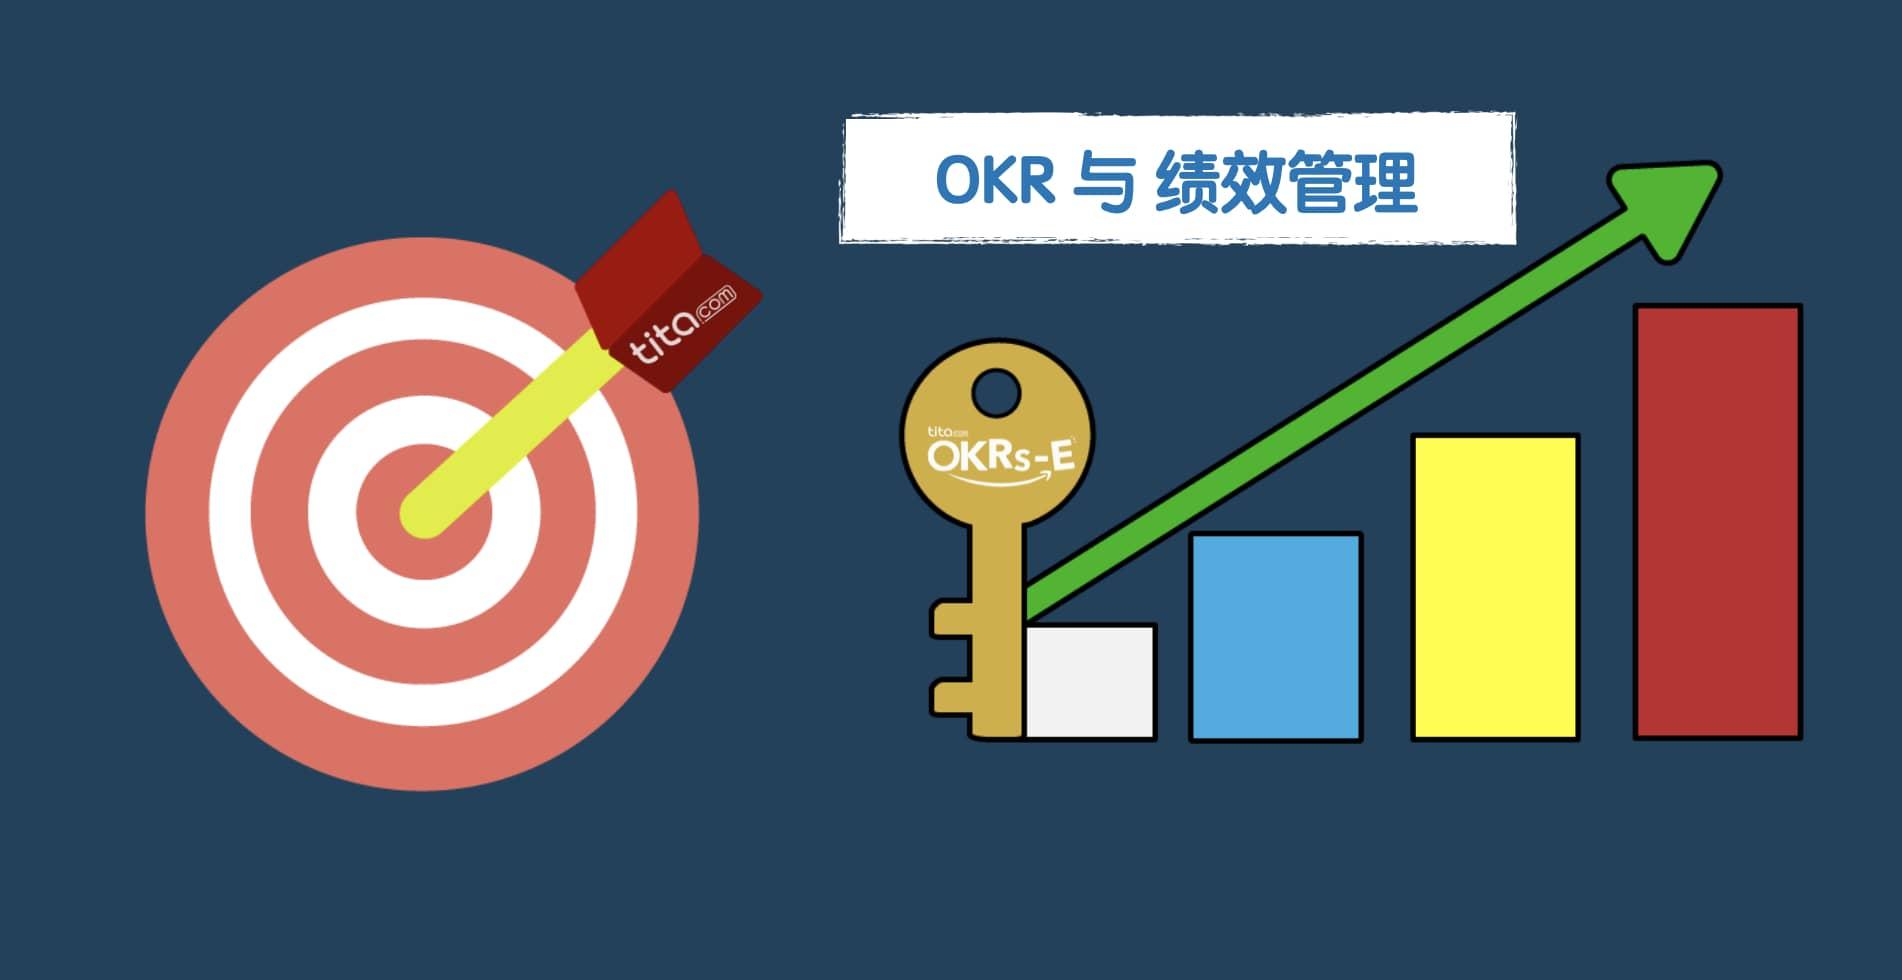 OKR 如何转变你的绩效管理策略